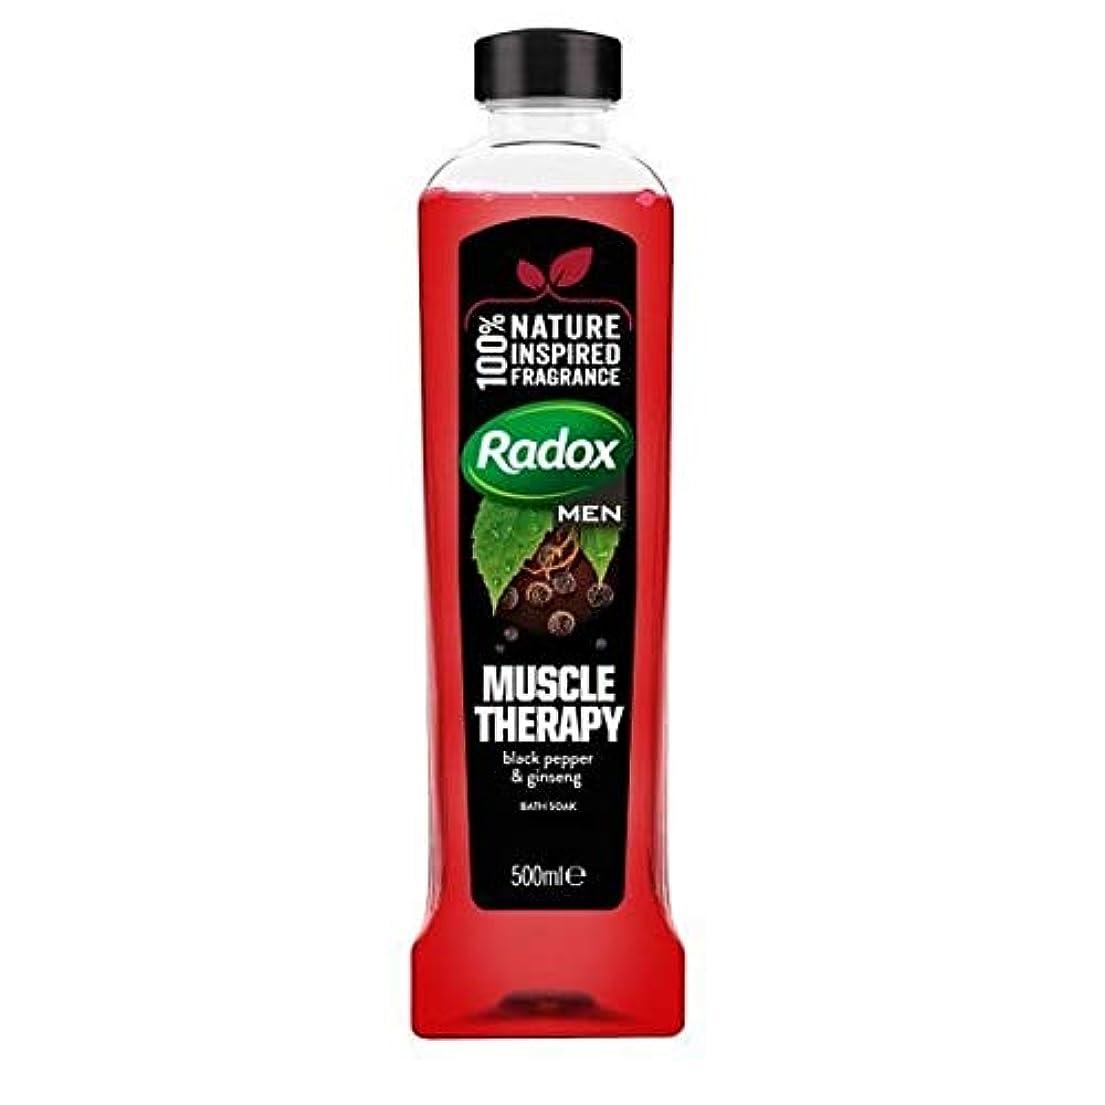 成功したバスタブ翻訳者[Radox] Radoxは、500ミリリットルのソーク良い香り筋肉の治療風呂を感じます - Radox Feel Good Fragrance Muscle Therapy Bath Soak 500ml [並行輸入品]